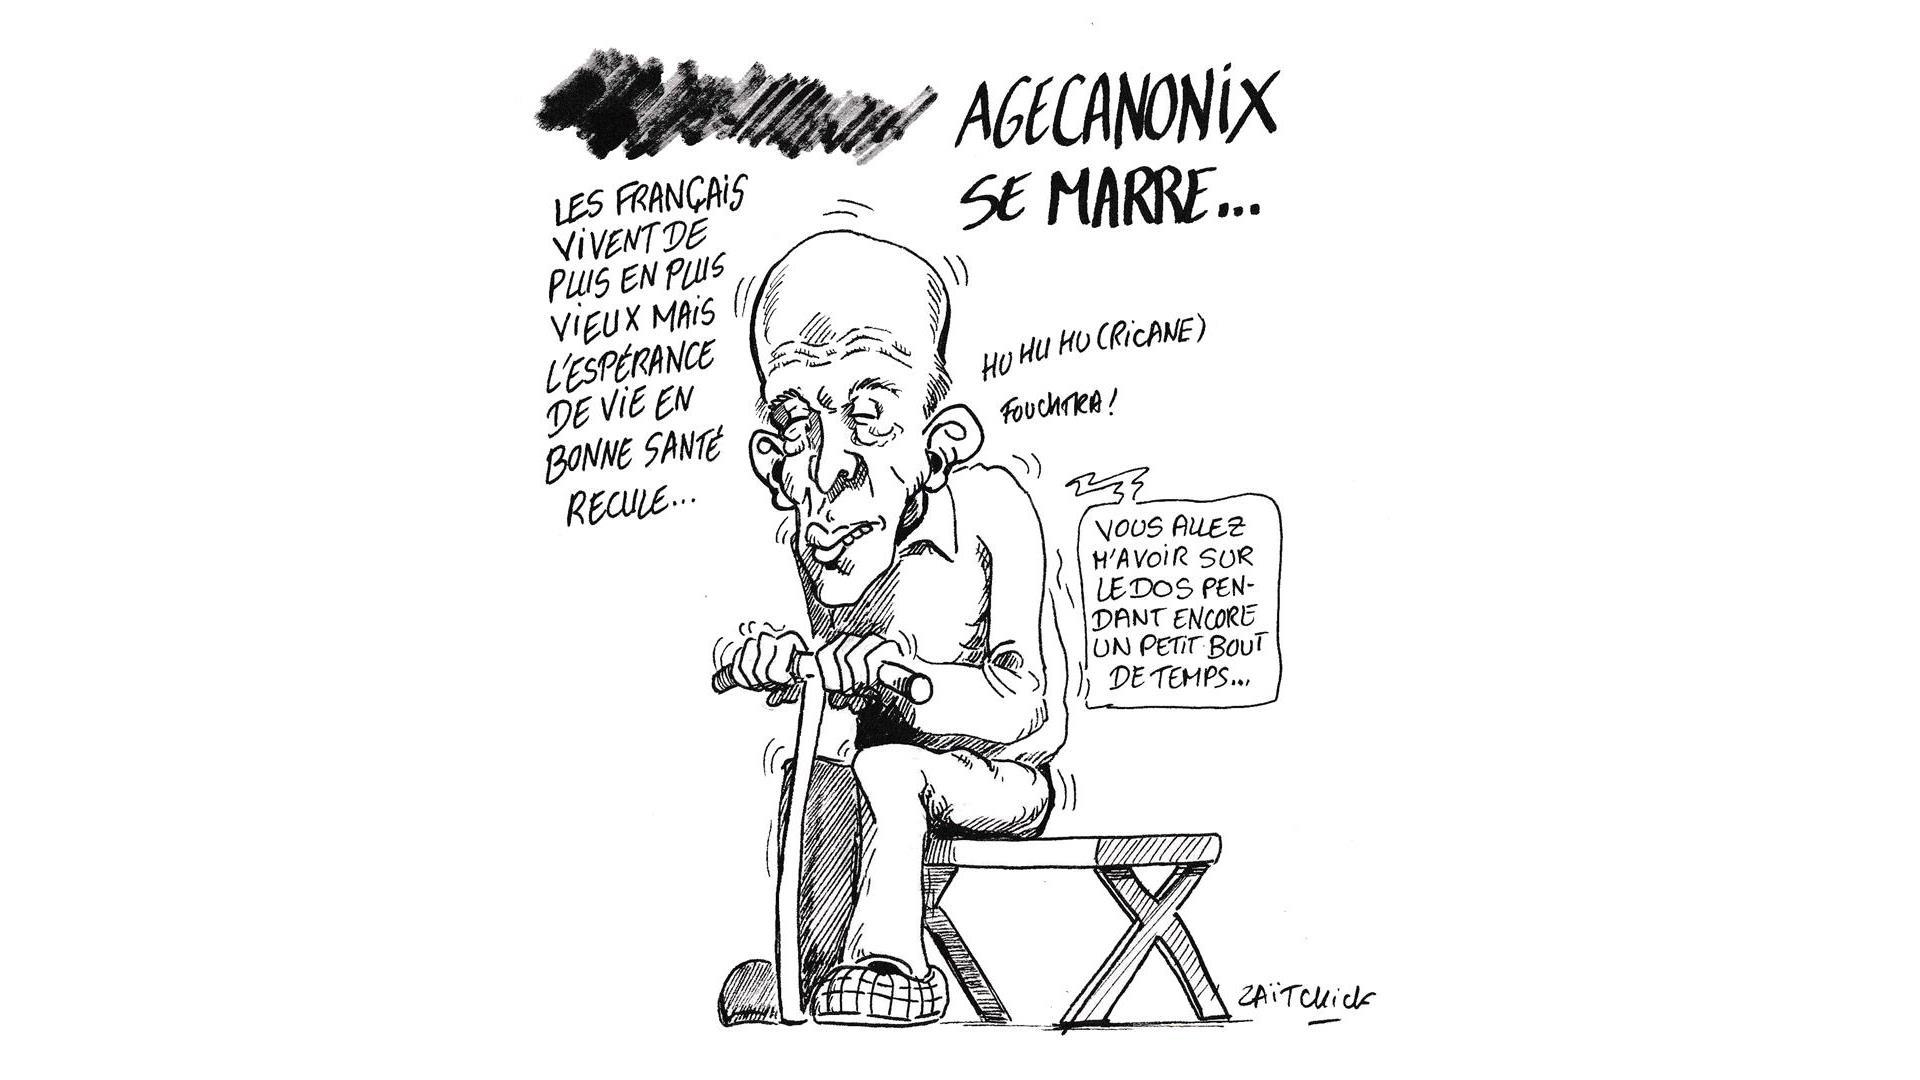 Giscard-Agecanonix-Large-Large